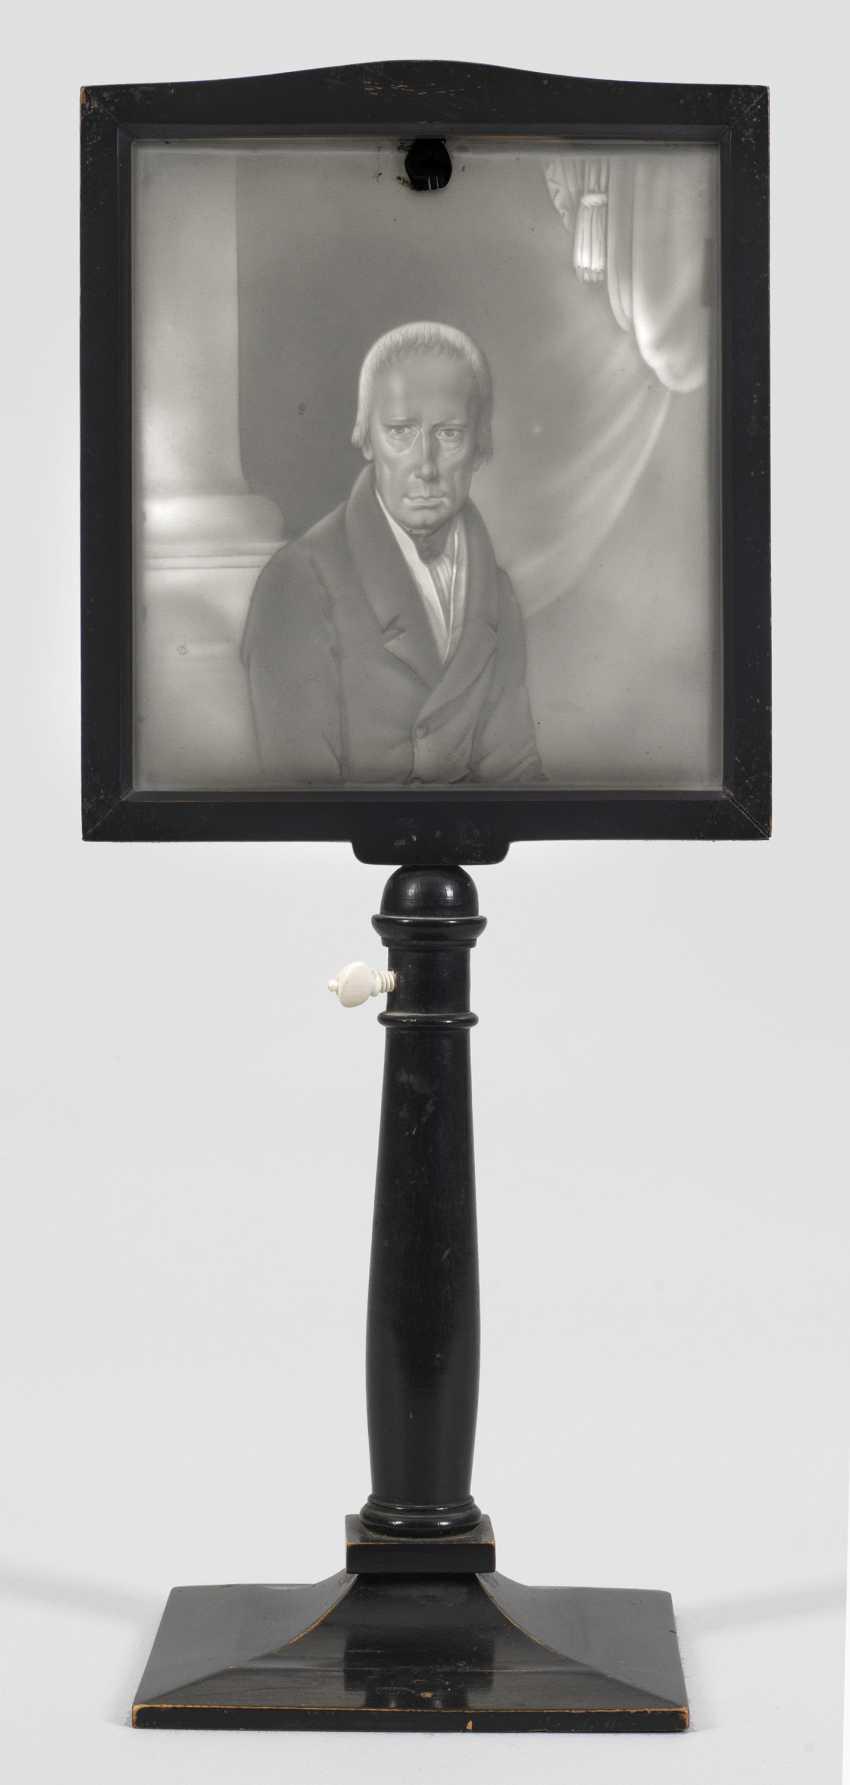 Бидермейер-световой экран с портретом императора Франца I. - фото 1